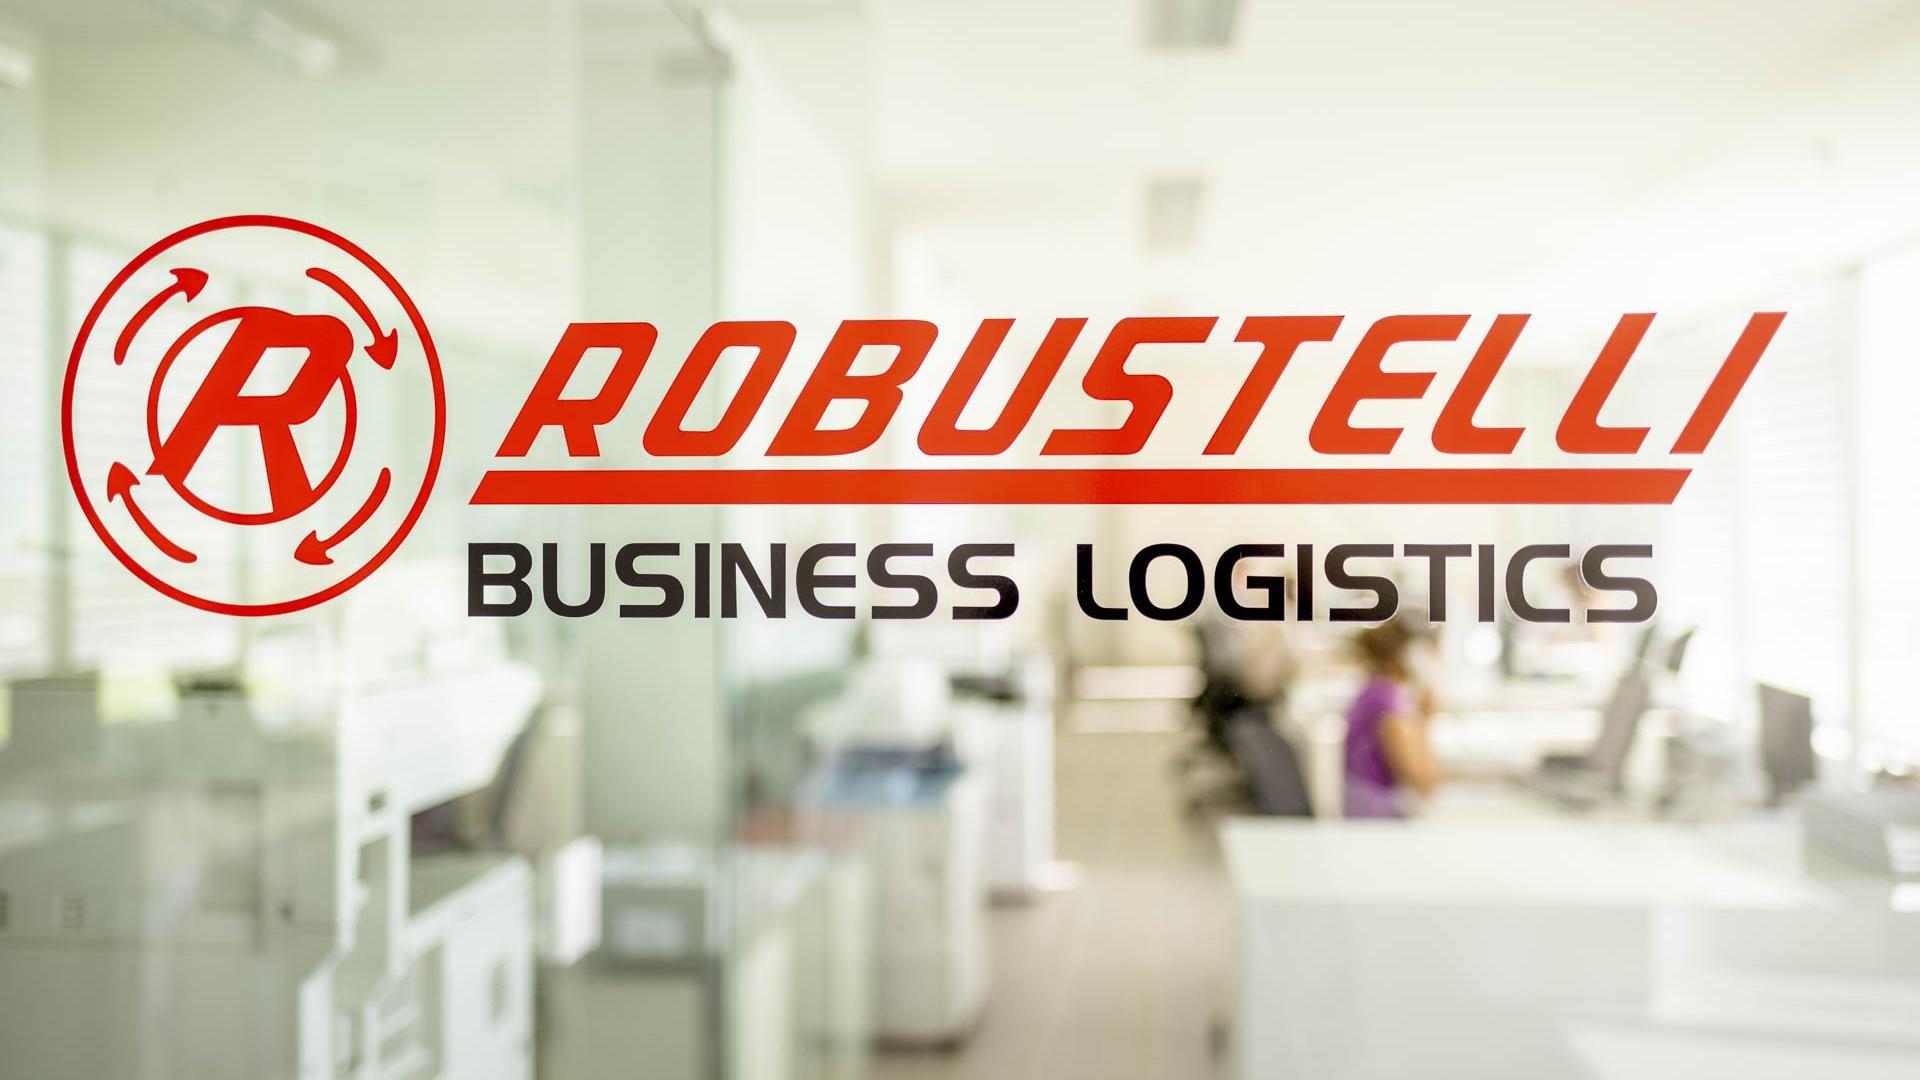 Robustelli offre servizi i trasporto puntuali e di qualità